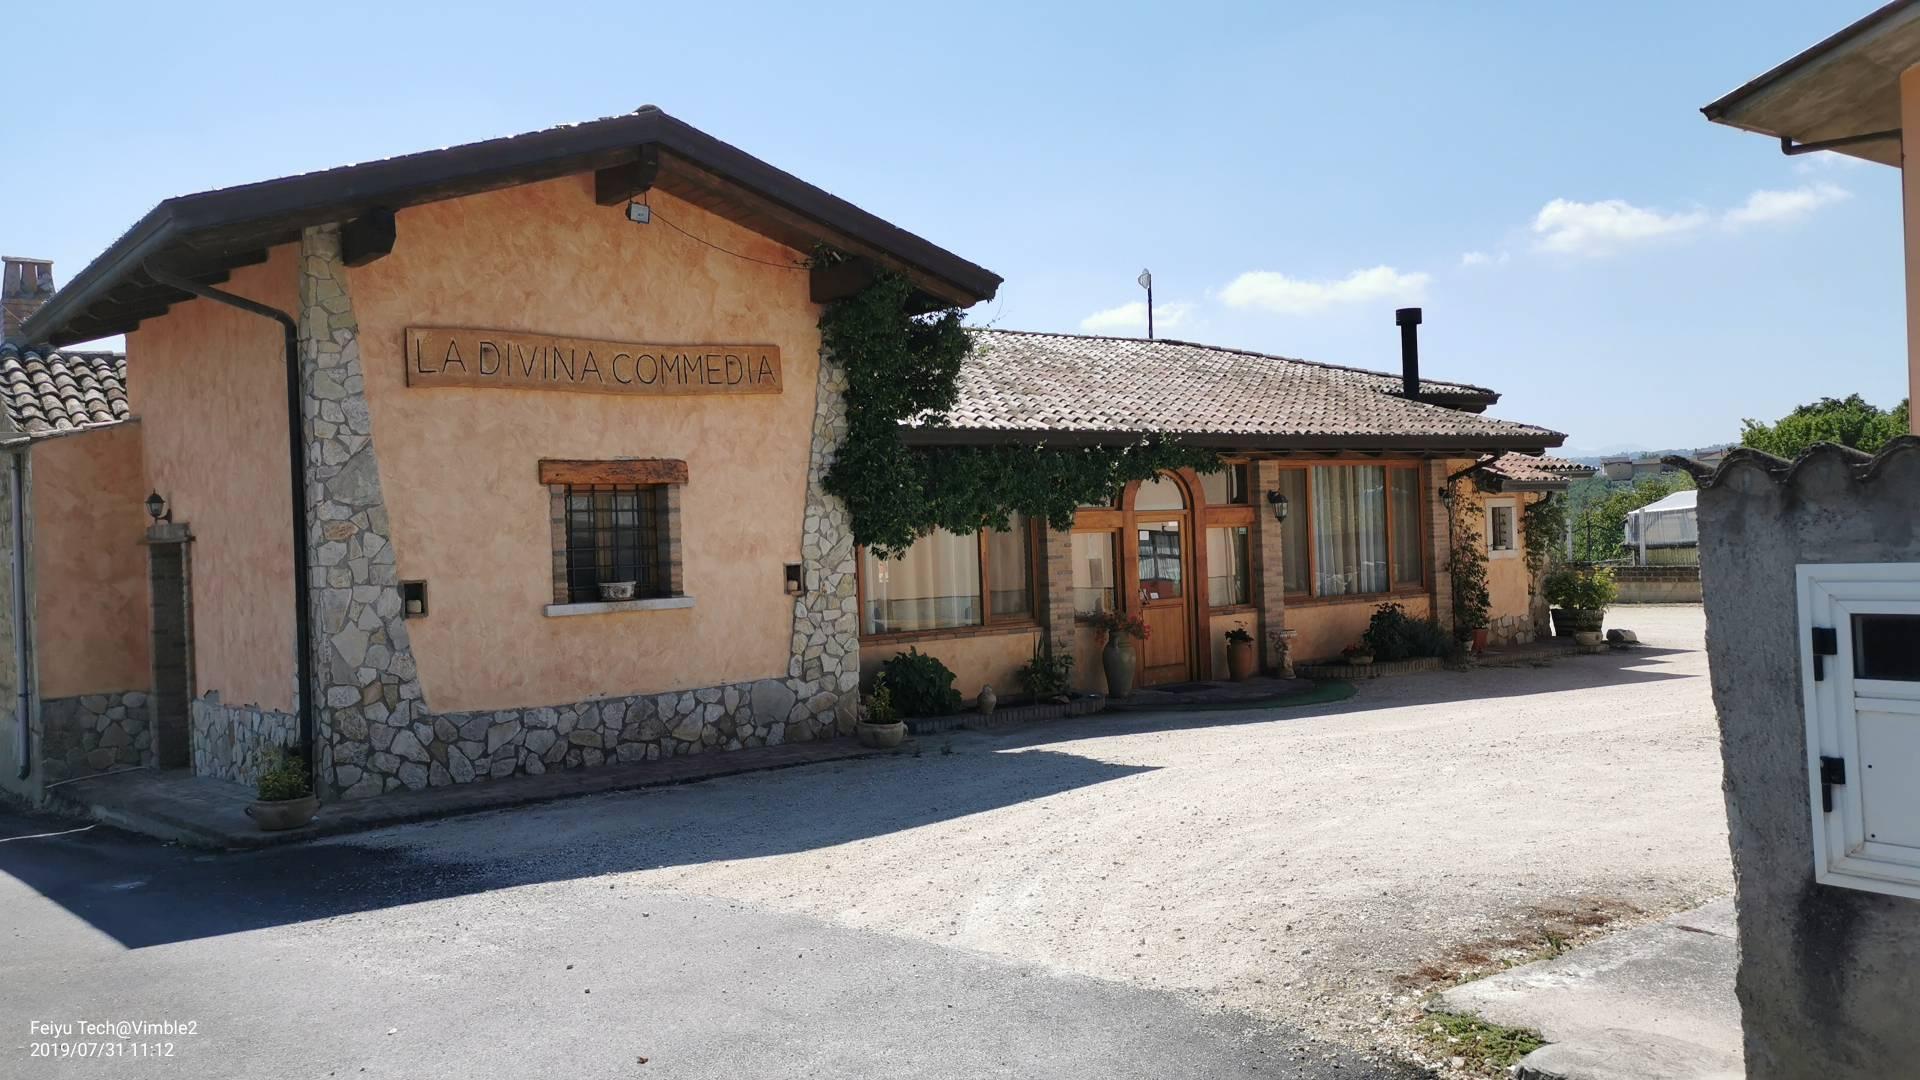 Attività / Licenza in vendita a San Giorgio del Sannio, 9999 locali, prezzo € 170.000   CambioCasa.it